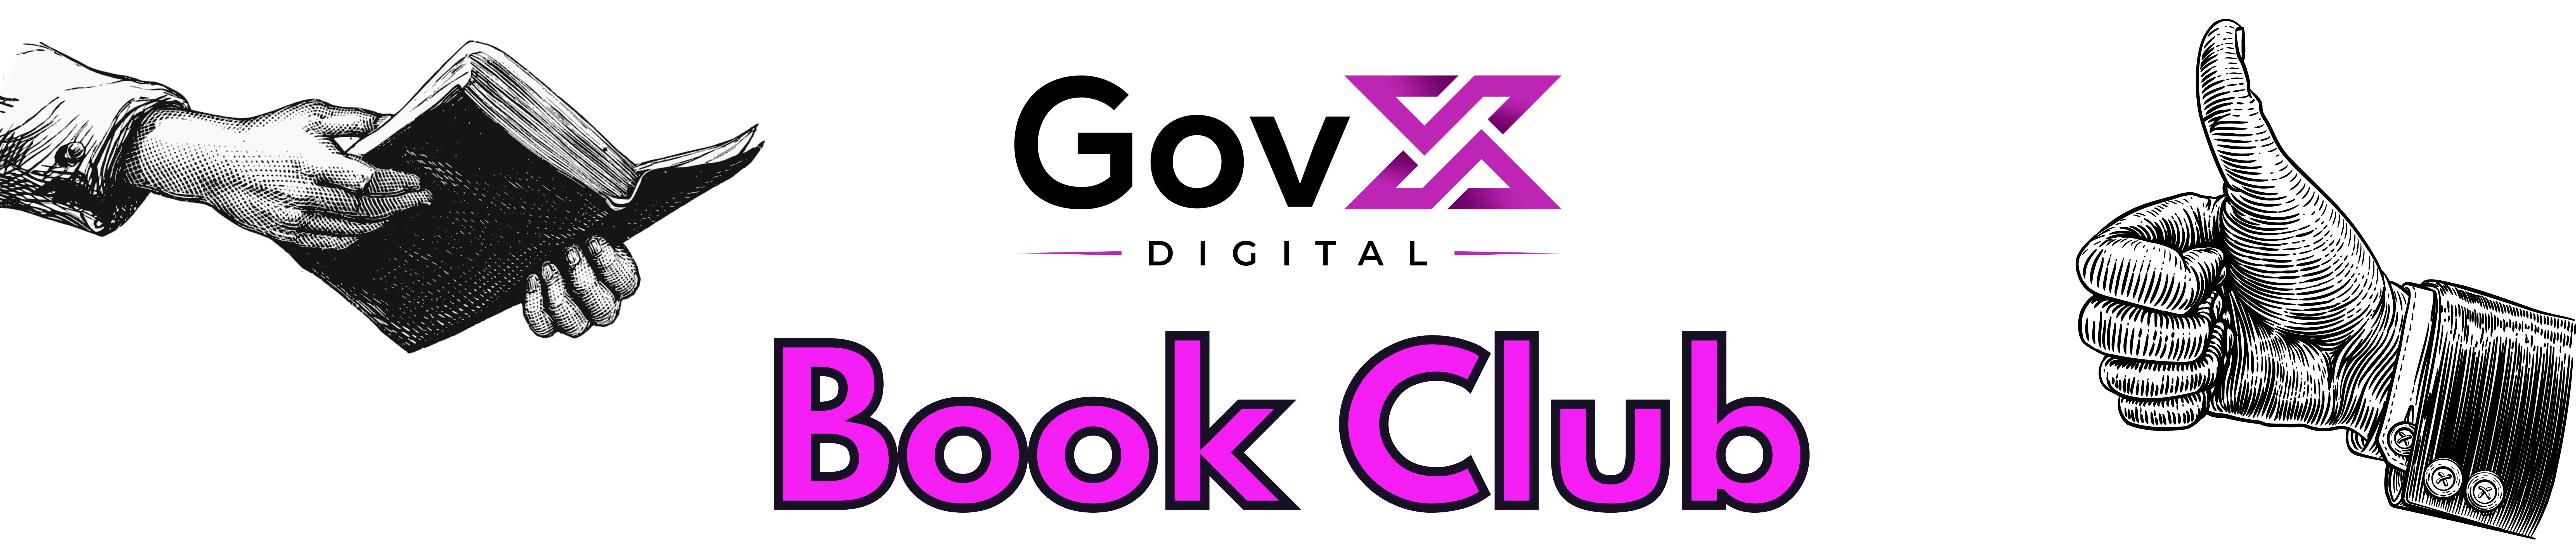 Book club banner (3)